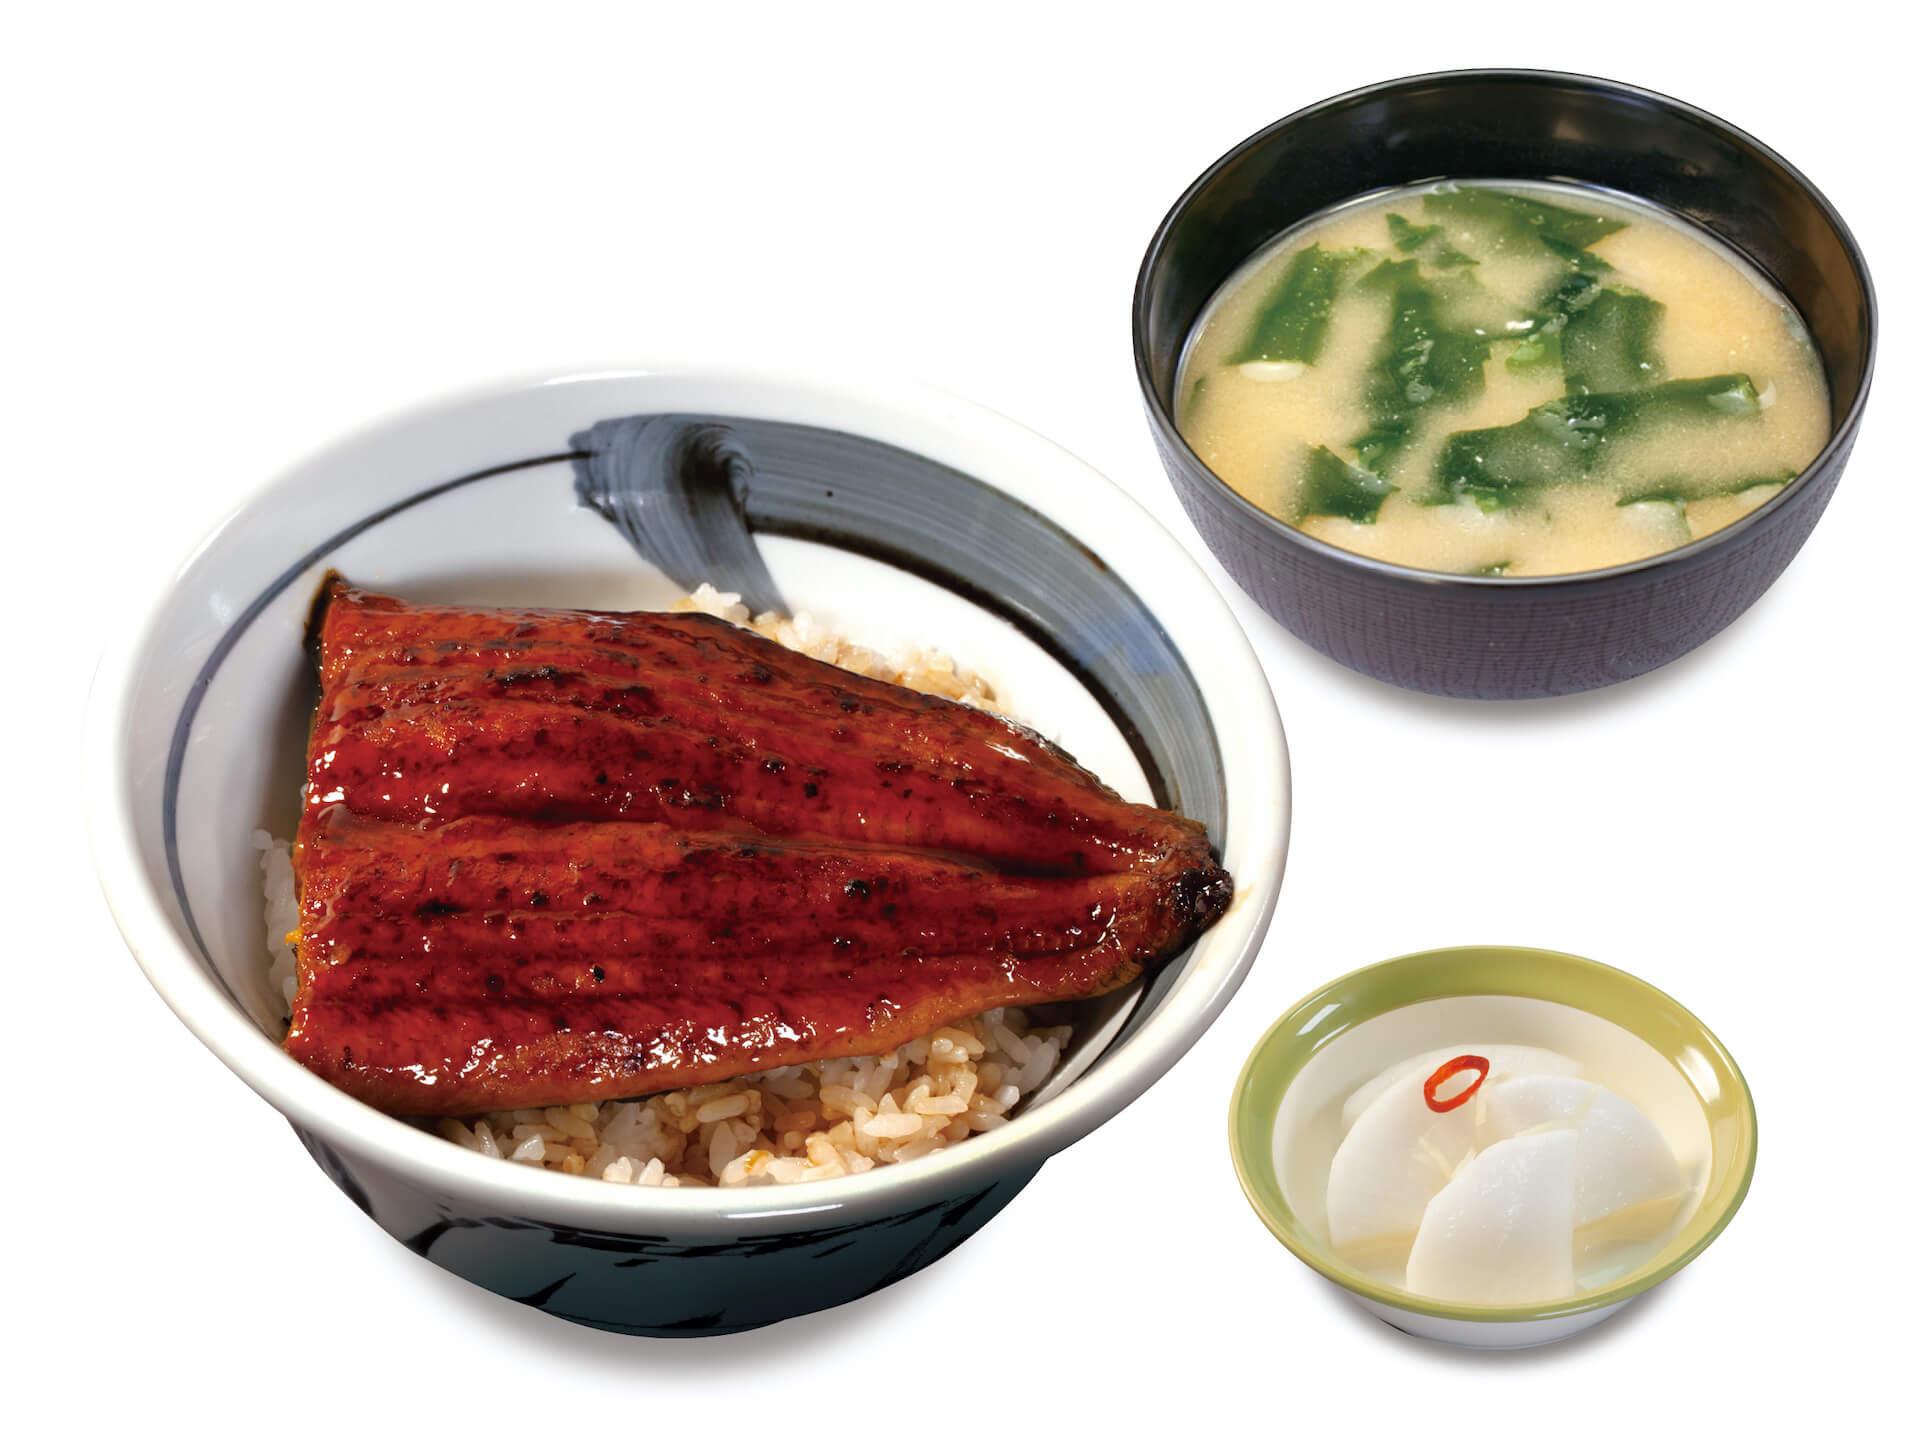 松屋で大人気のふわふわ肉厚な『うな丼』が松のやにも期間限定で登場!ライス大盛り無料サービスも gourmet200715_unadon_02